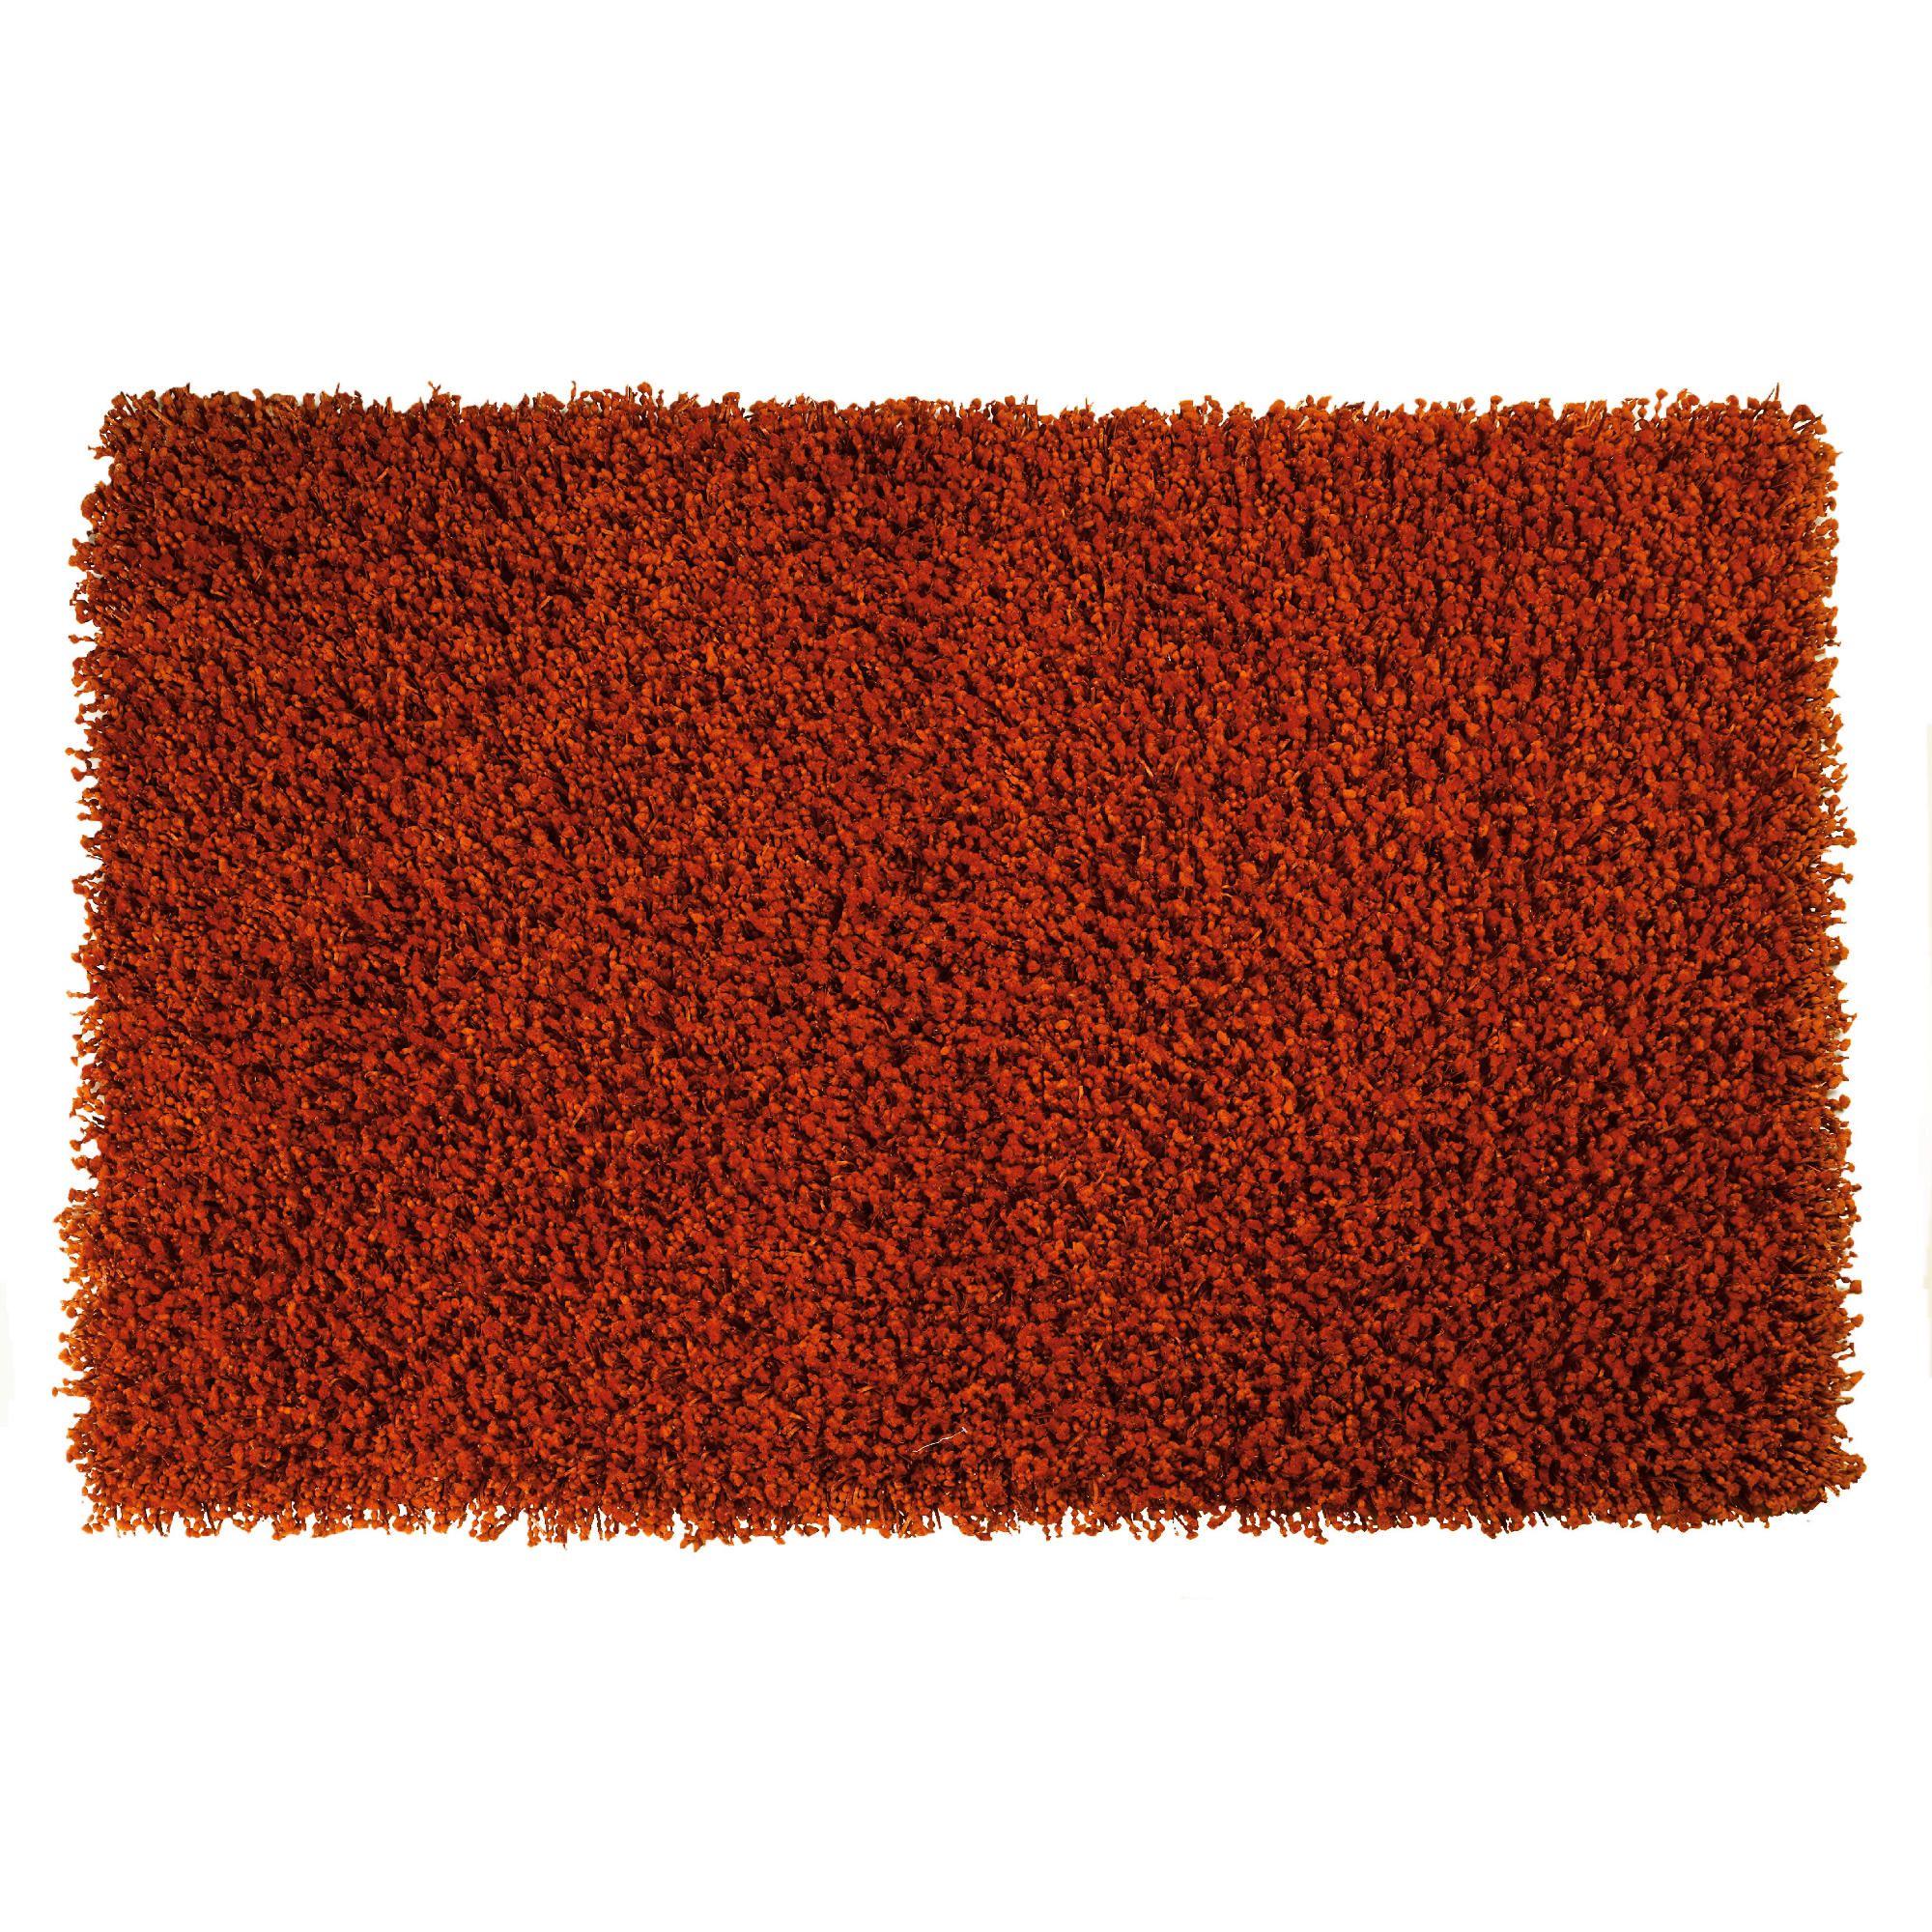 Zen colouring tesco - Tesco Rugs Orbit Shaggy 150x240cm Burnt Orange